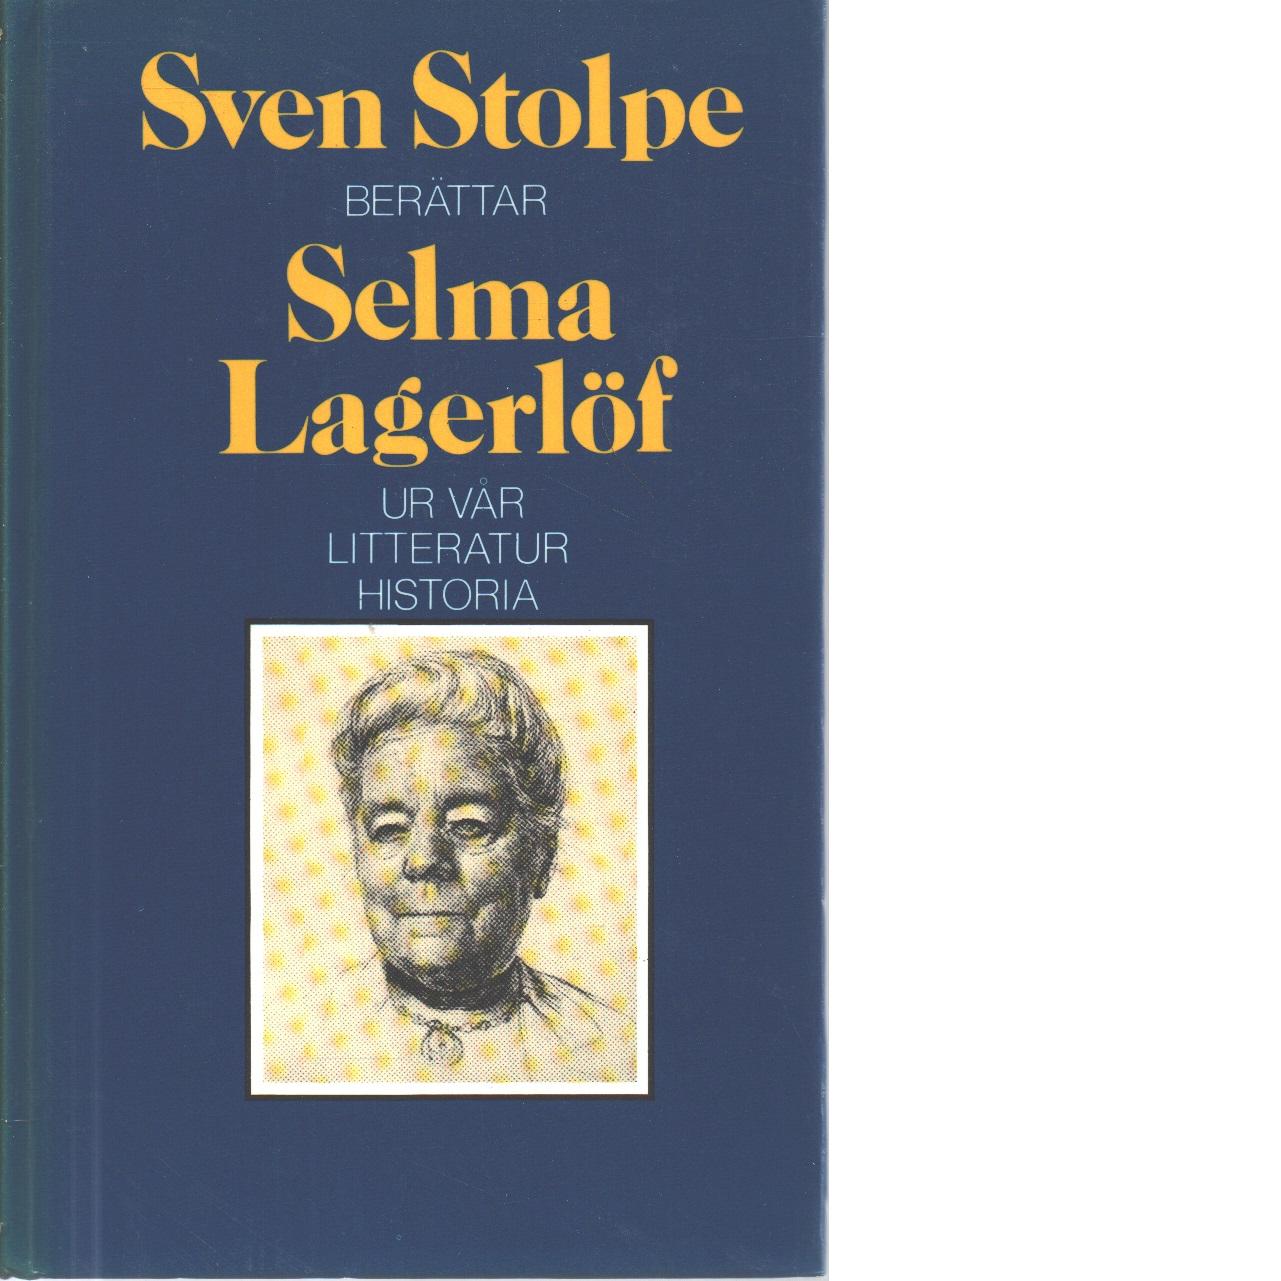 Svenska folkets litteraturhistoria. [8], Selma Lagerlöf - Stolpe, Sven